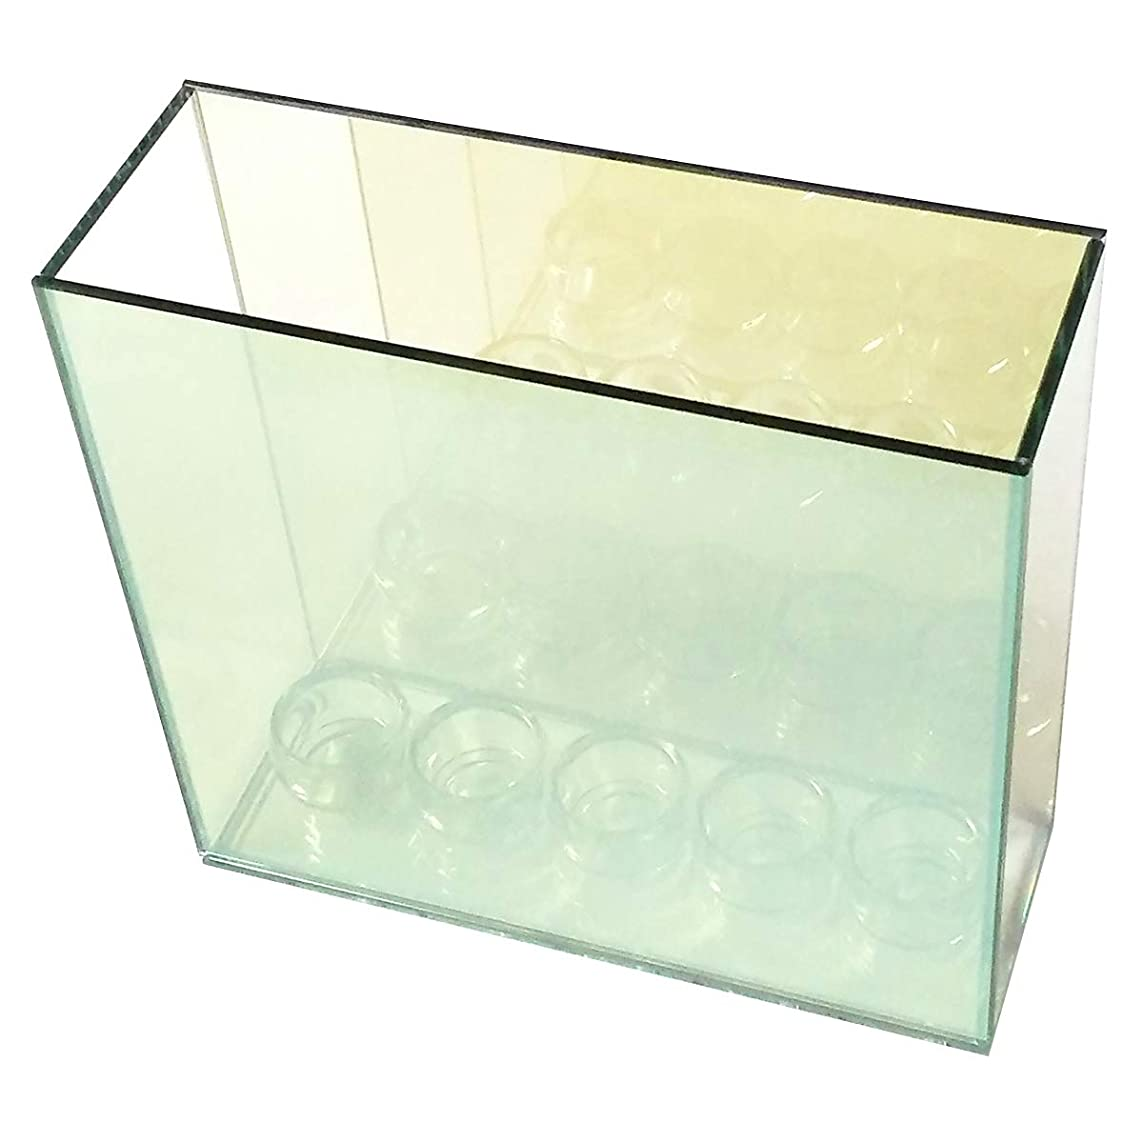 エトナ山大統領もっと少なく無限連鎖キャンドルホルダー 5連 ガラス キャンドルスタンド ランタン ティーライトキャンドル